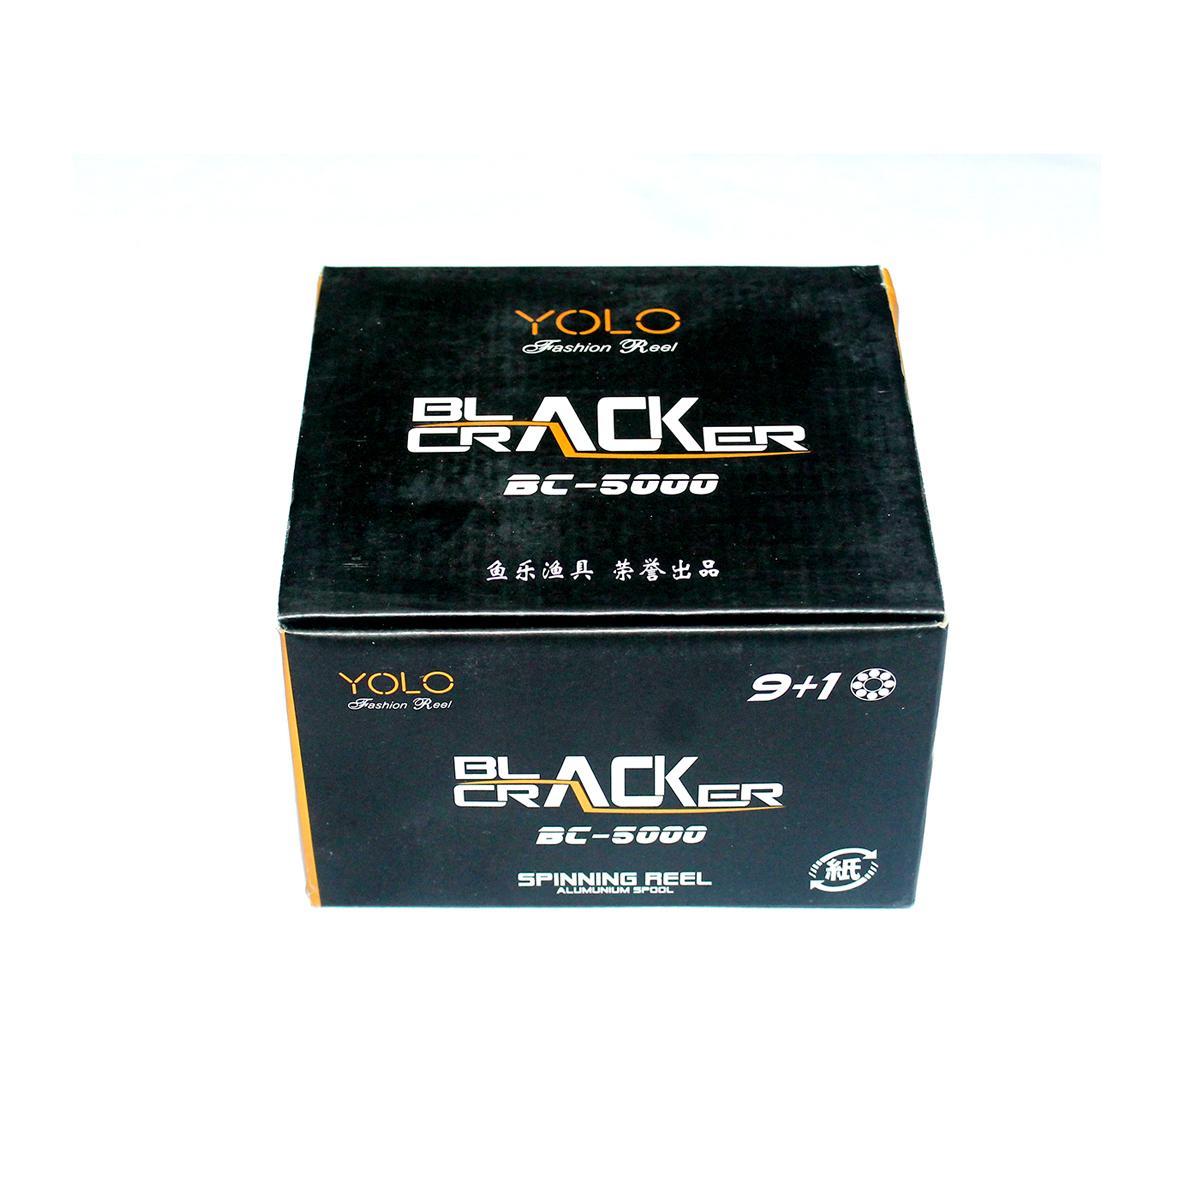 MÁY CÂU CÁ YOLO Black Cracker BC5000 -  BH 3 Tháng